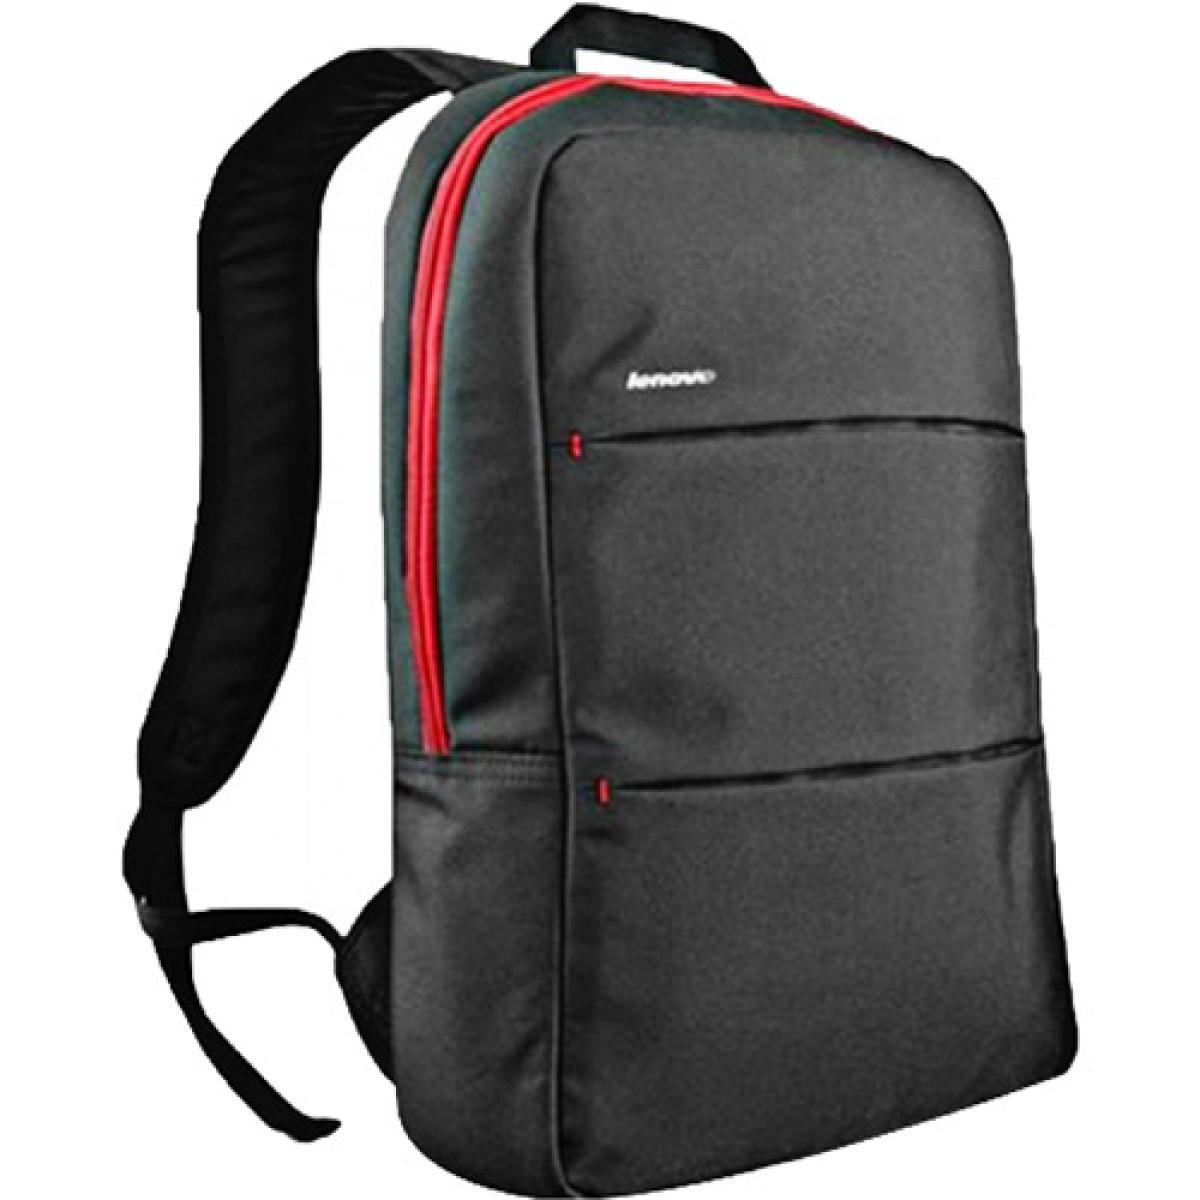 Lenovo рюкзаки чемоданы для детей купить в екатеринбурге